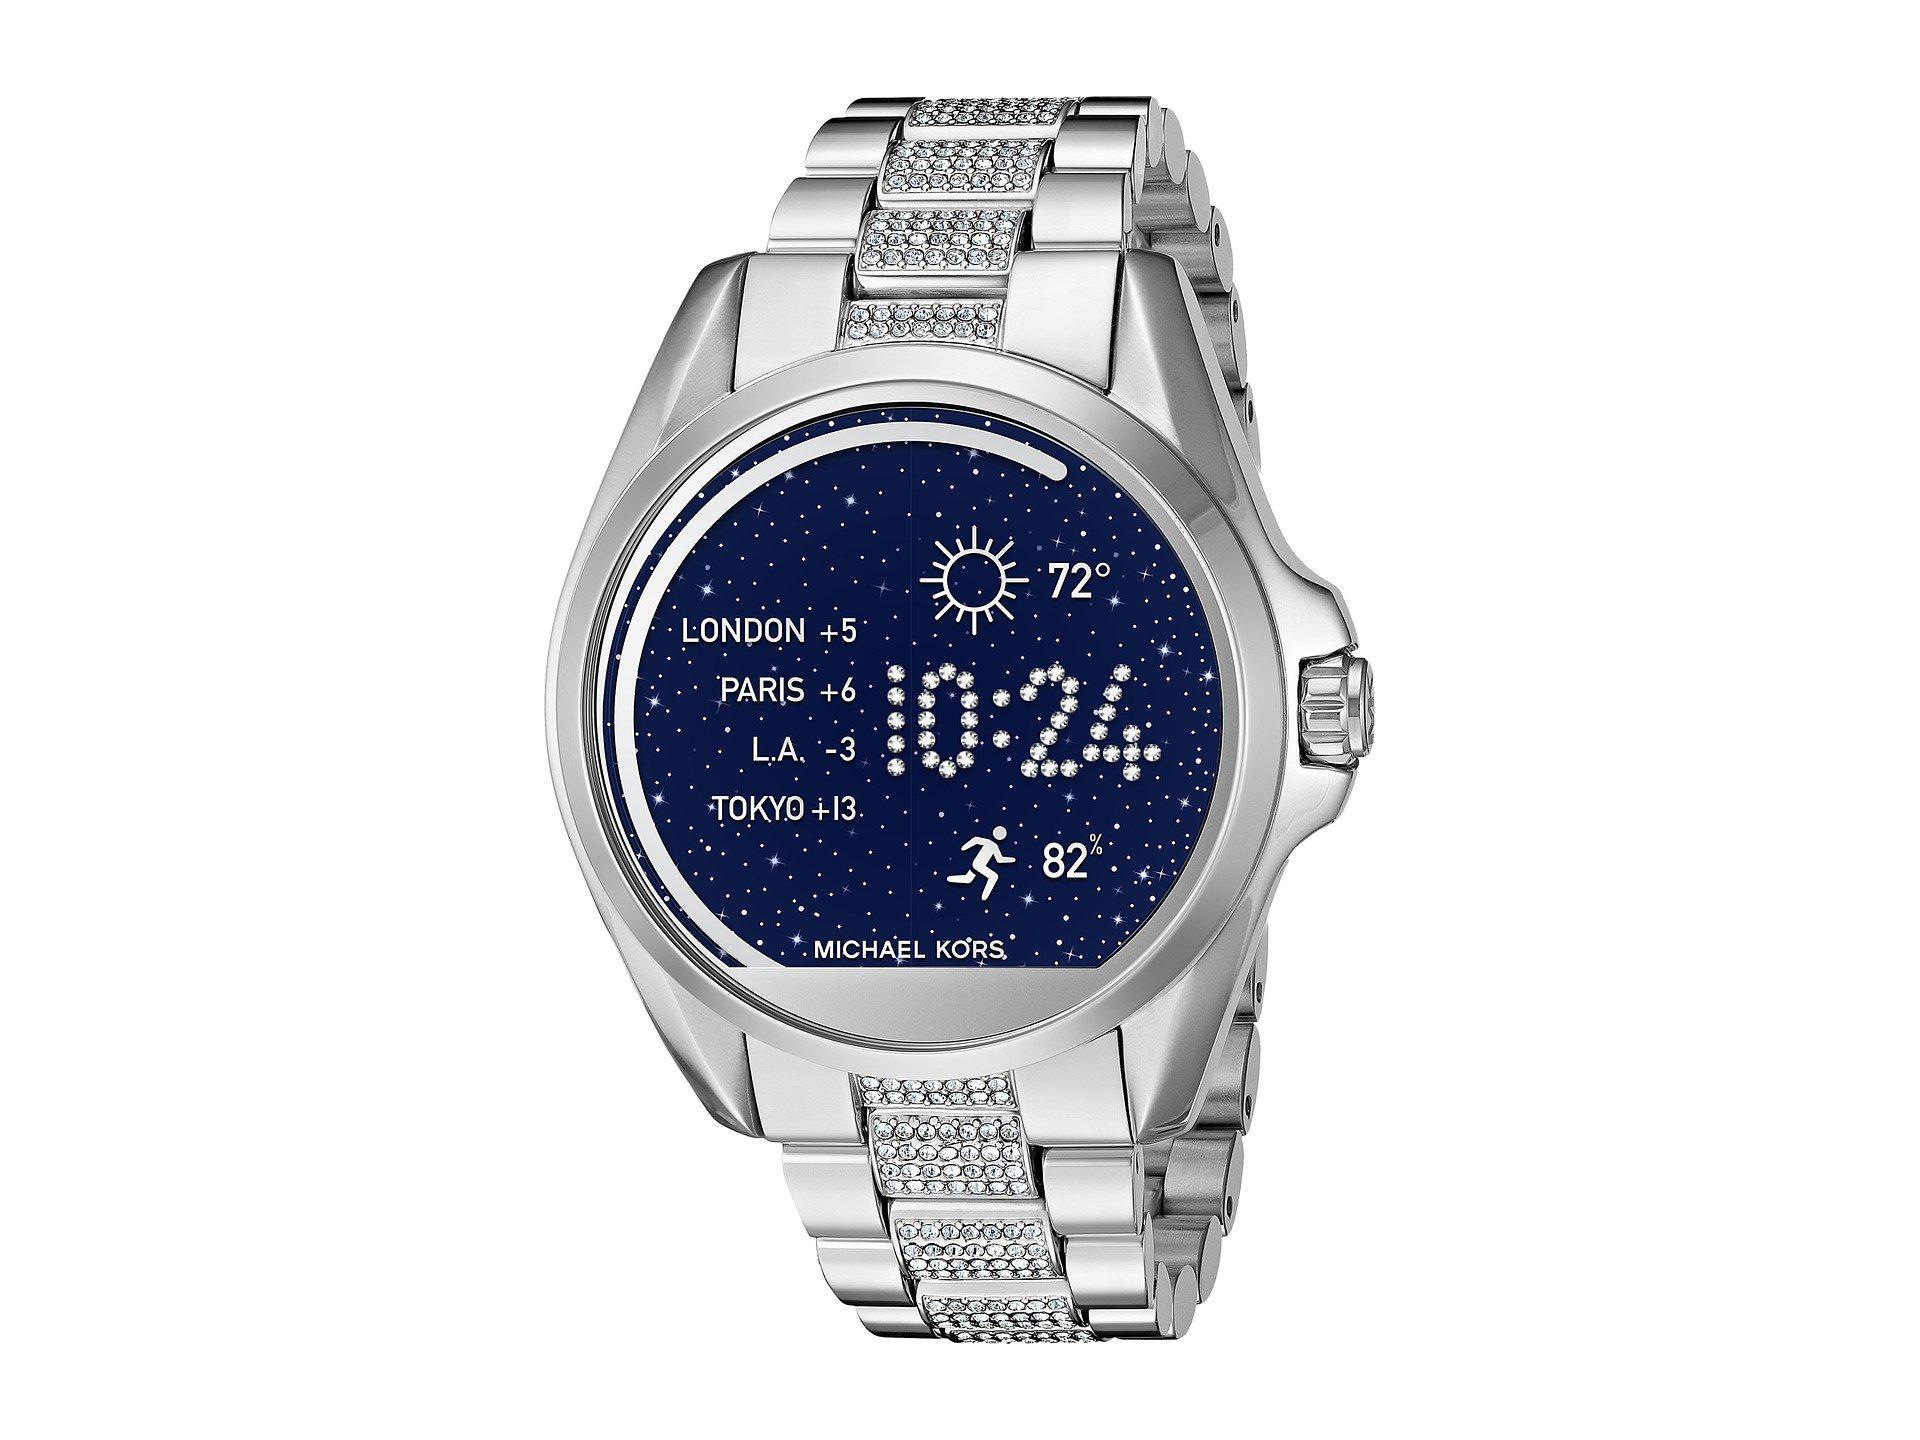 c2de88193736 Lyst - Michael Kors Bradshaw Pavé Display Smartwatch - Mkt5000 in ...